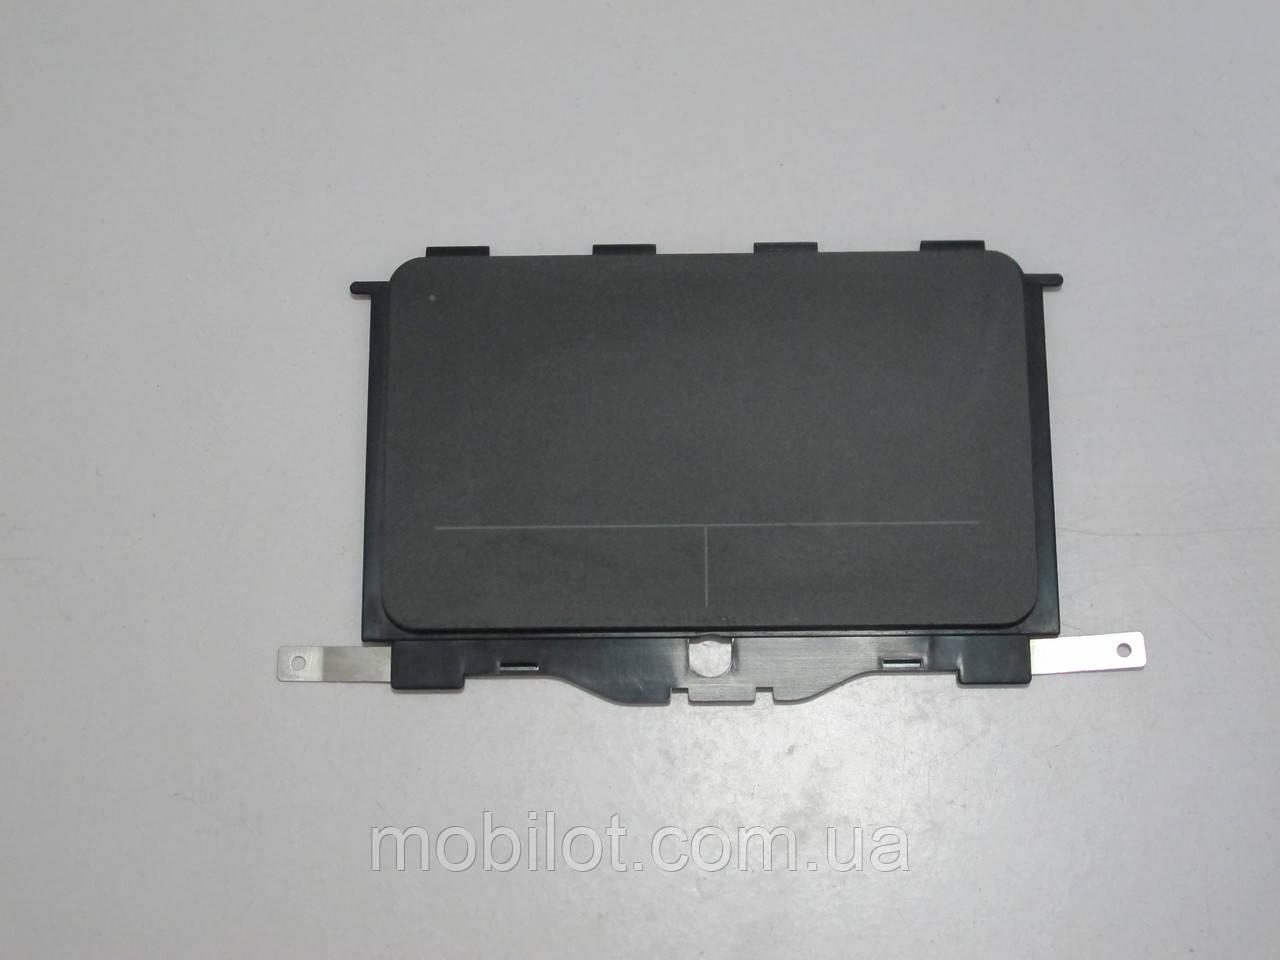 Тачпад HP DV7-4000 (NZ-6078)